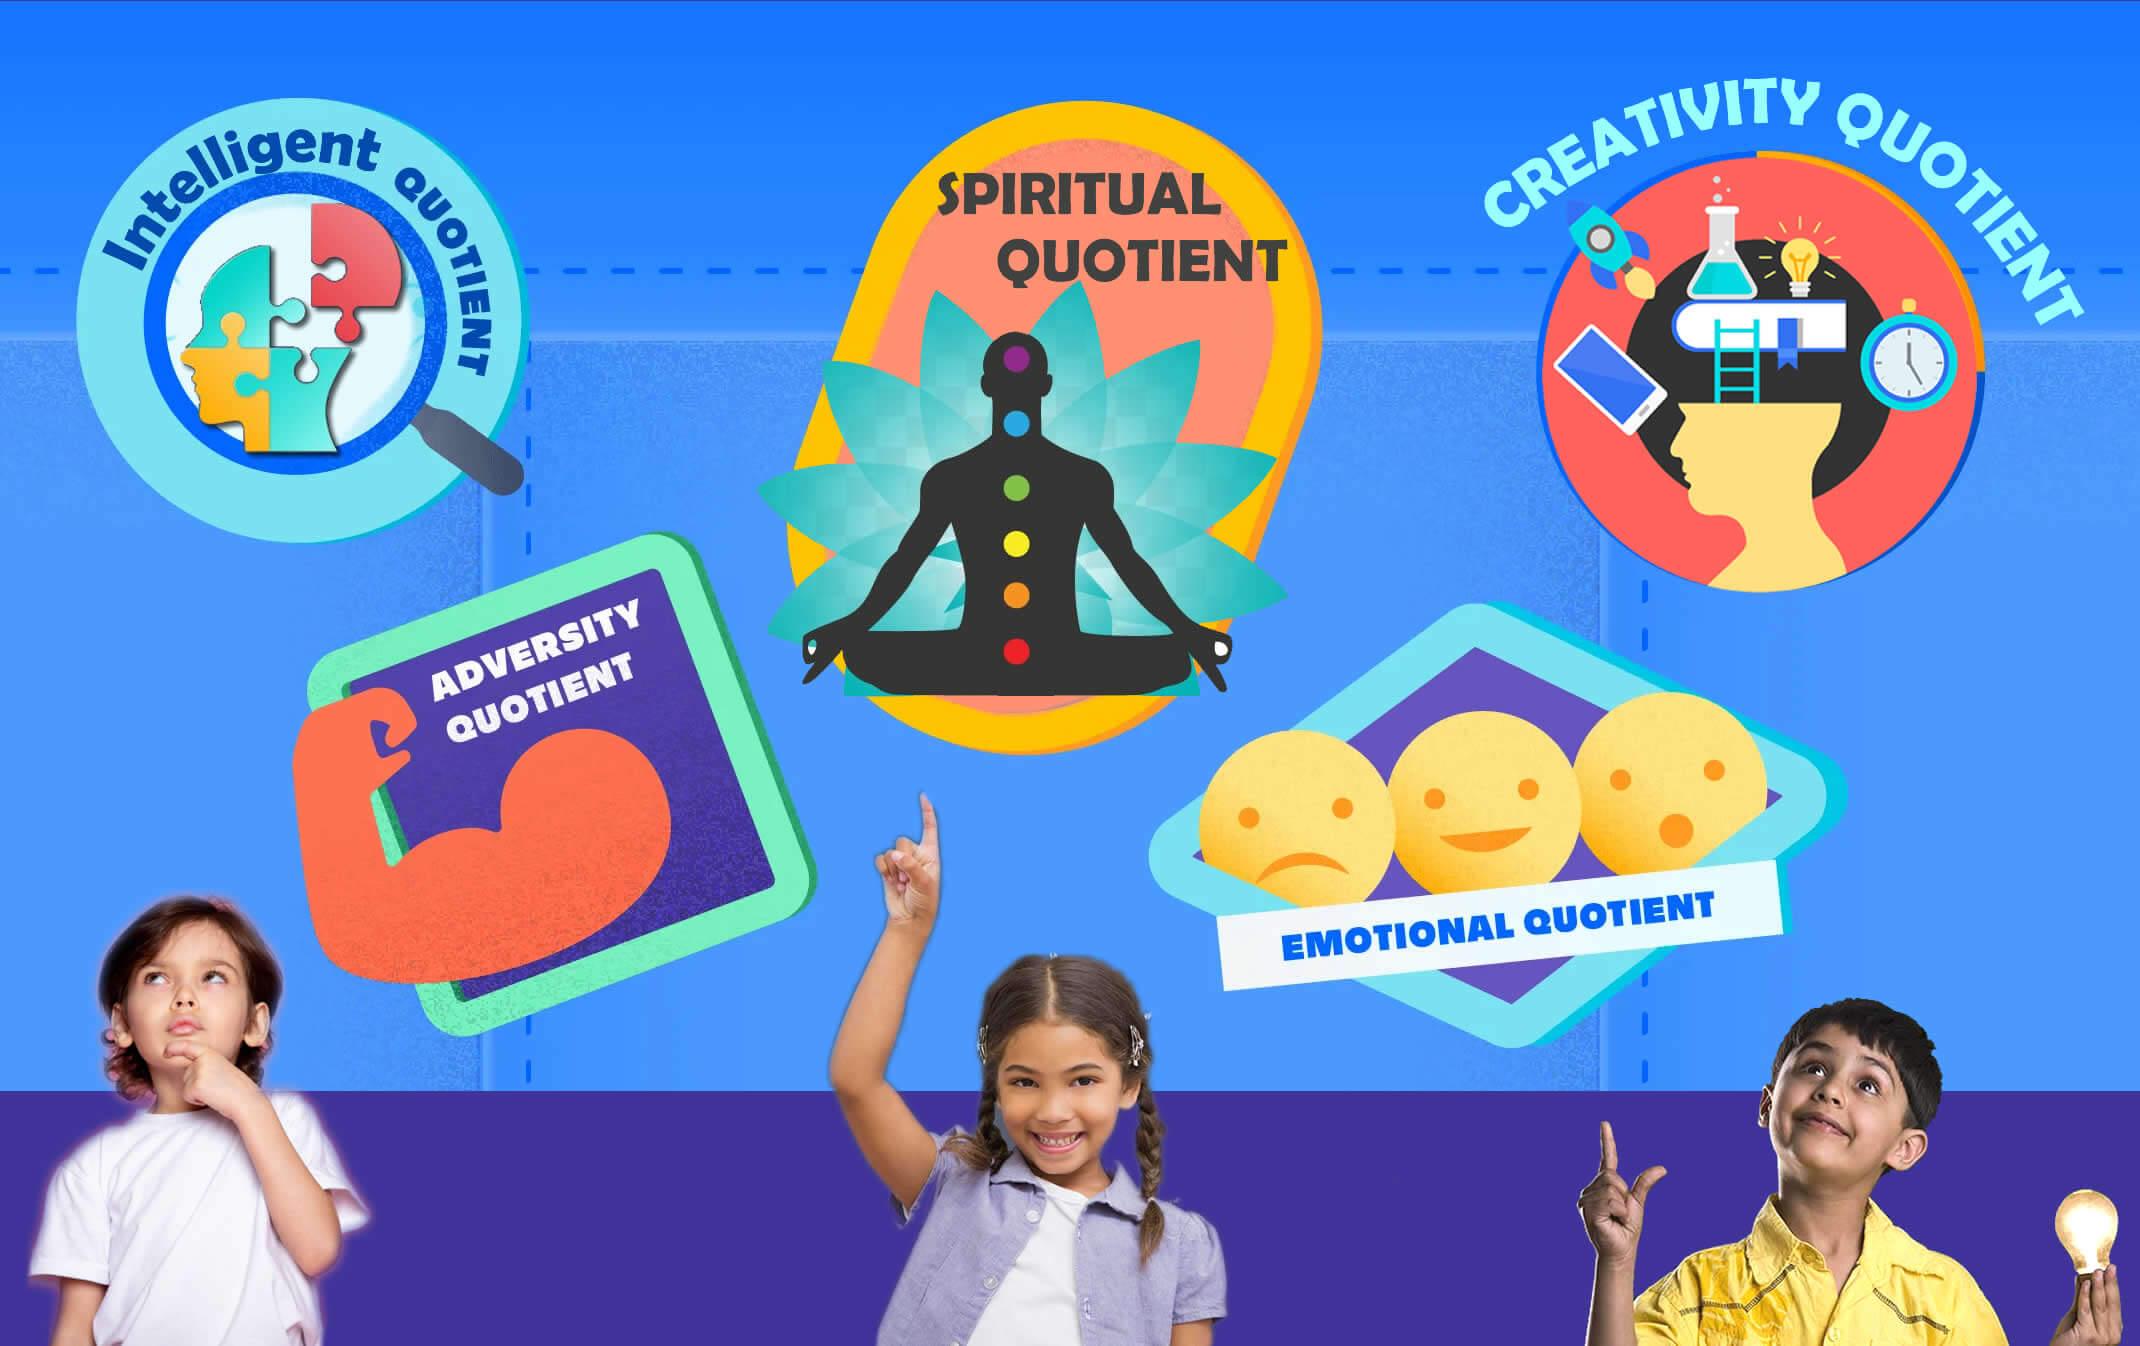 बच्चों का मानसिक विकास कैसे करें? (How to Develop Children's Mental Health)